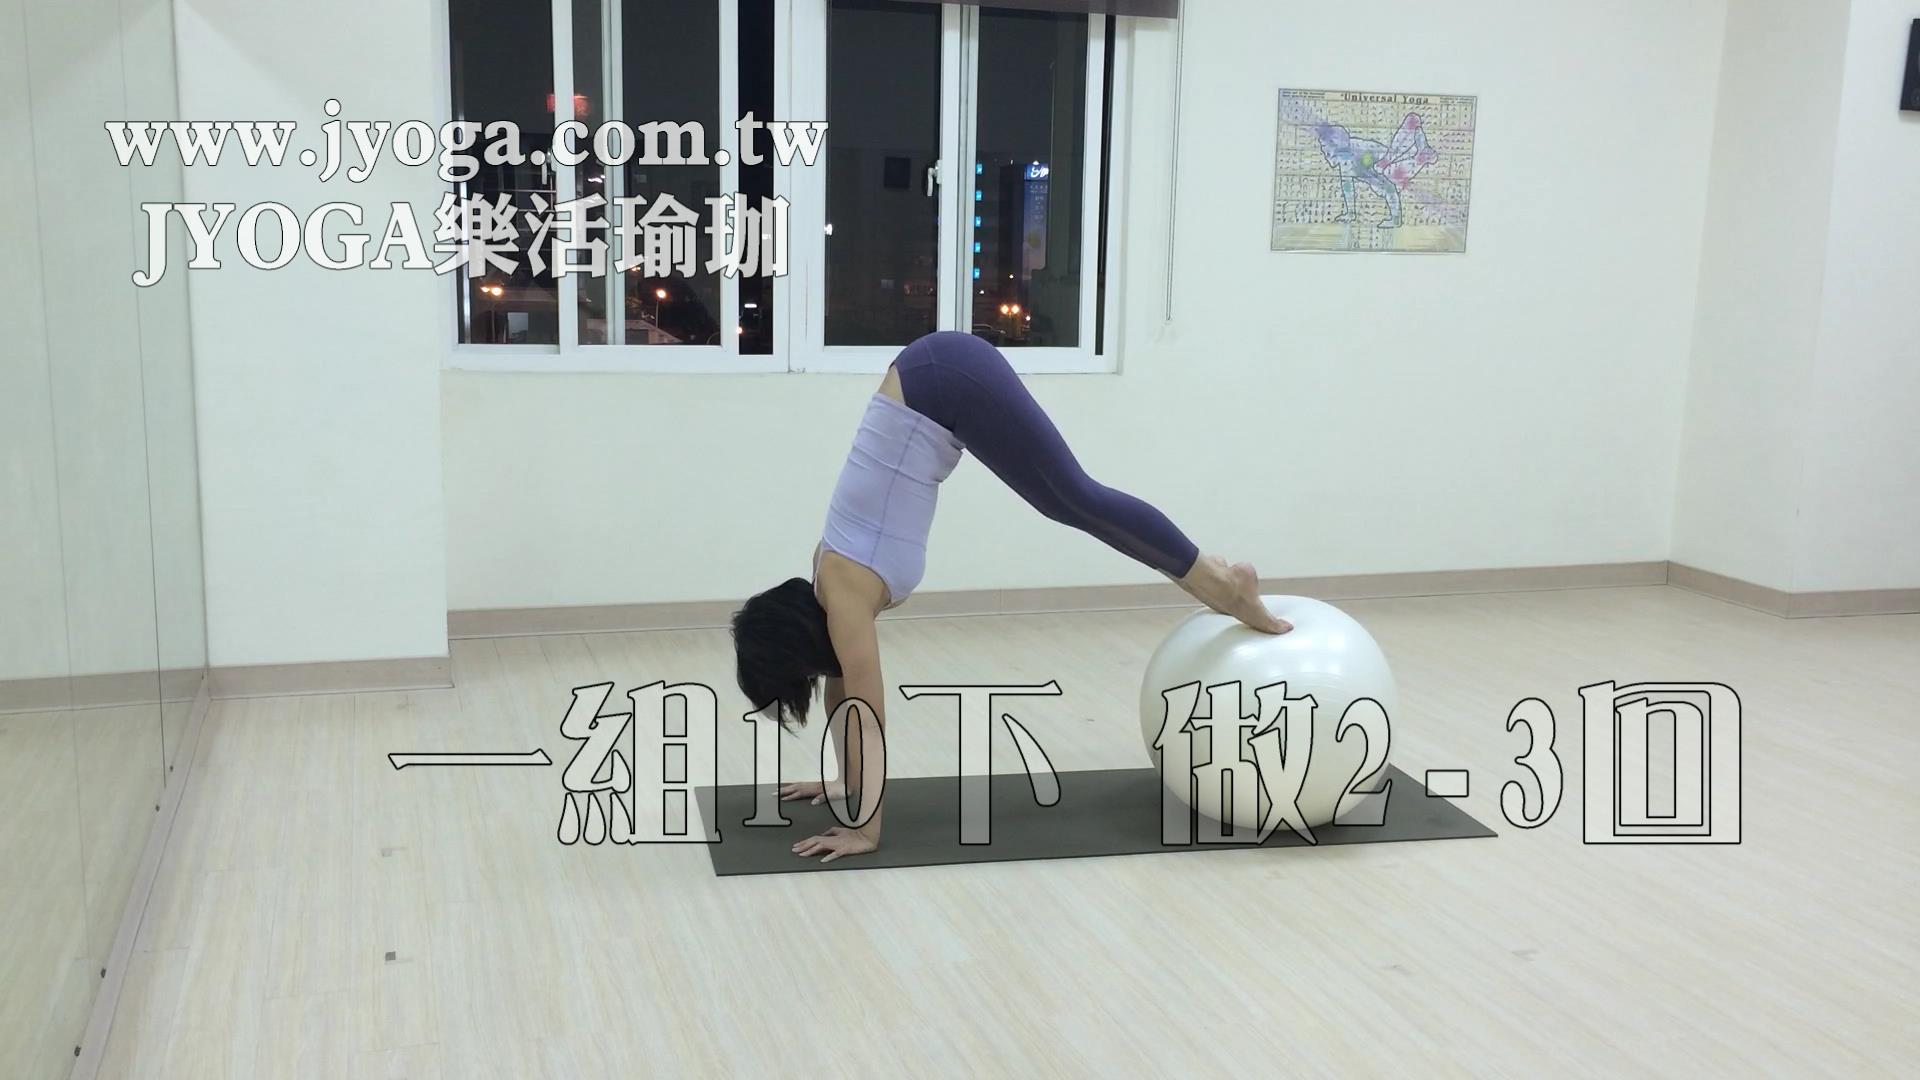 台南JYOGA樂活瑜珈-彼拉提斯抗力-核心訓練